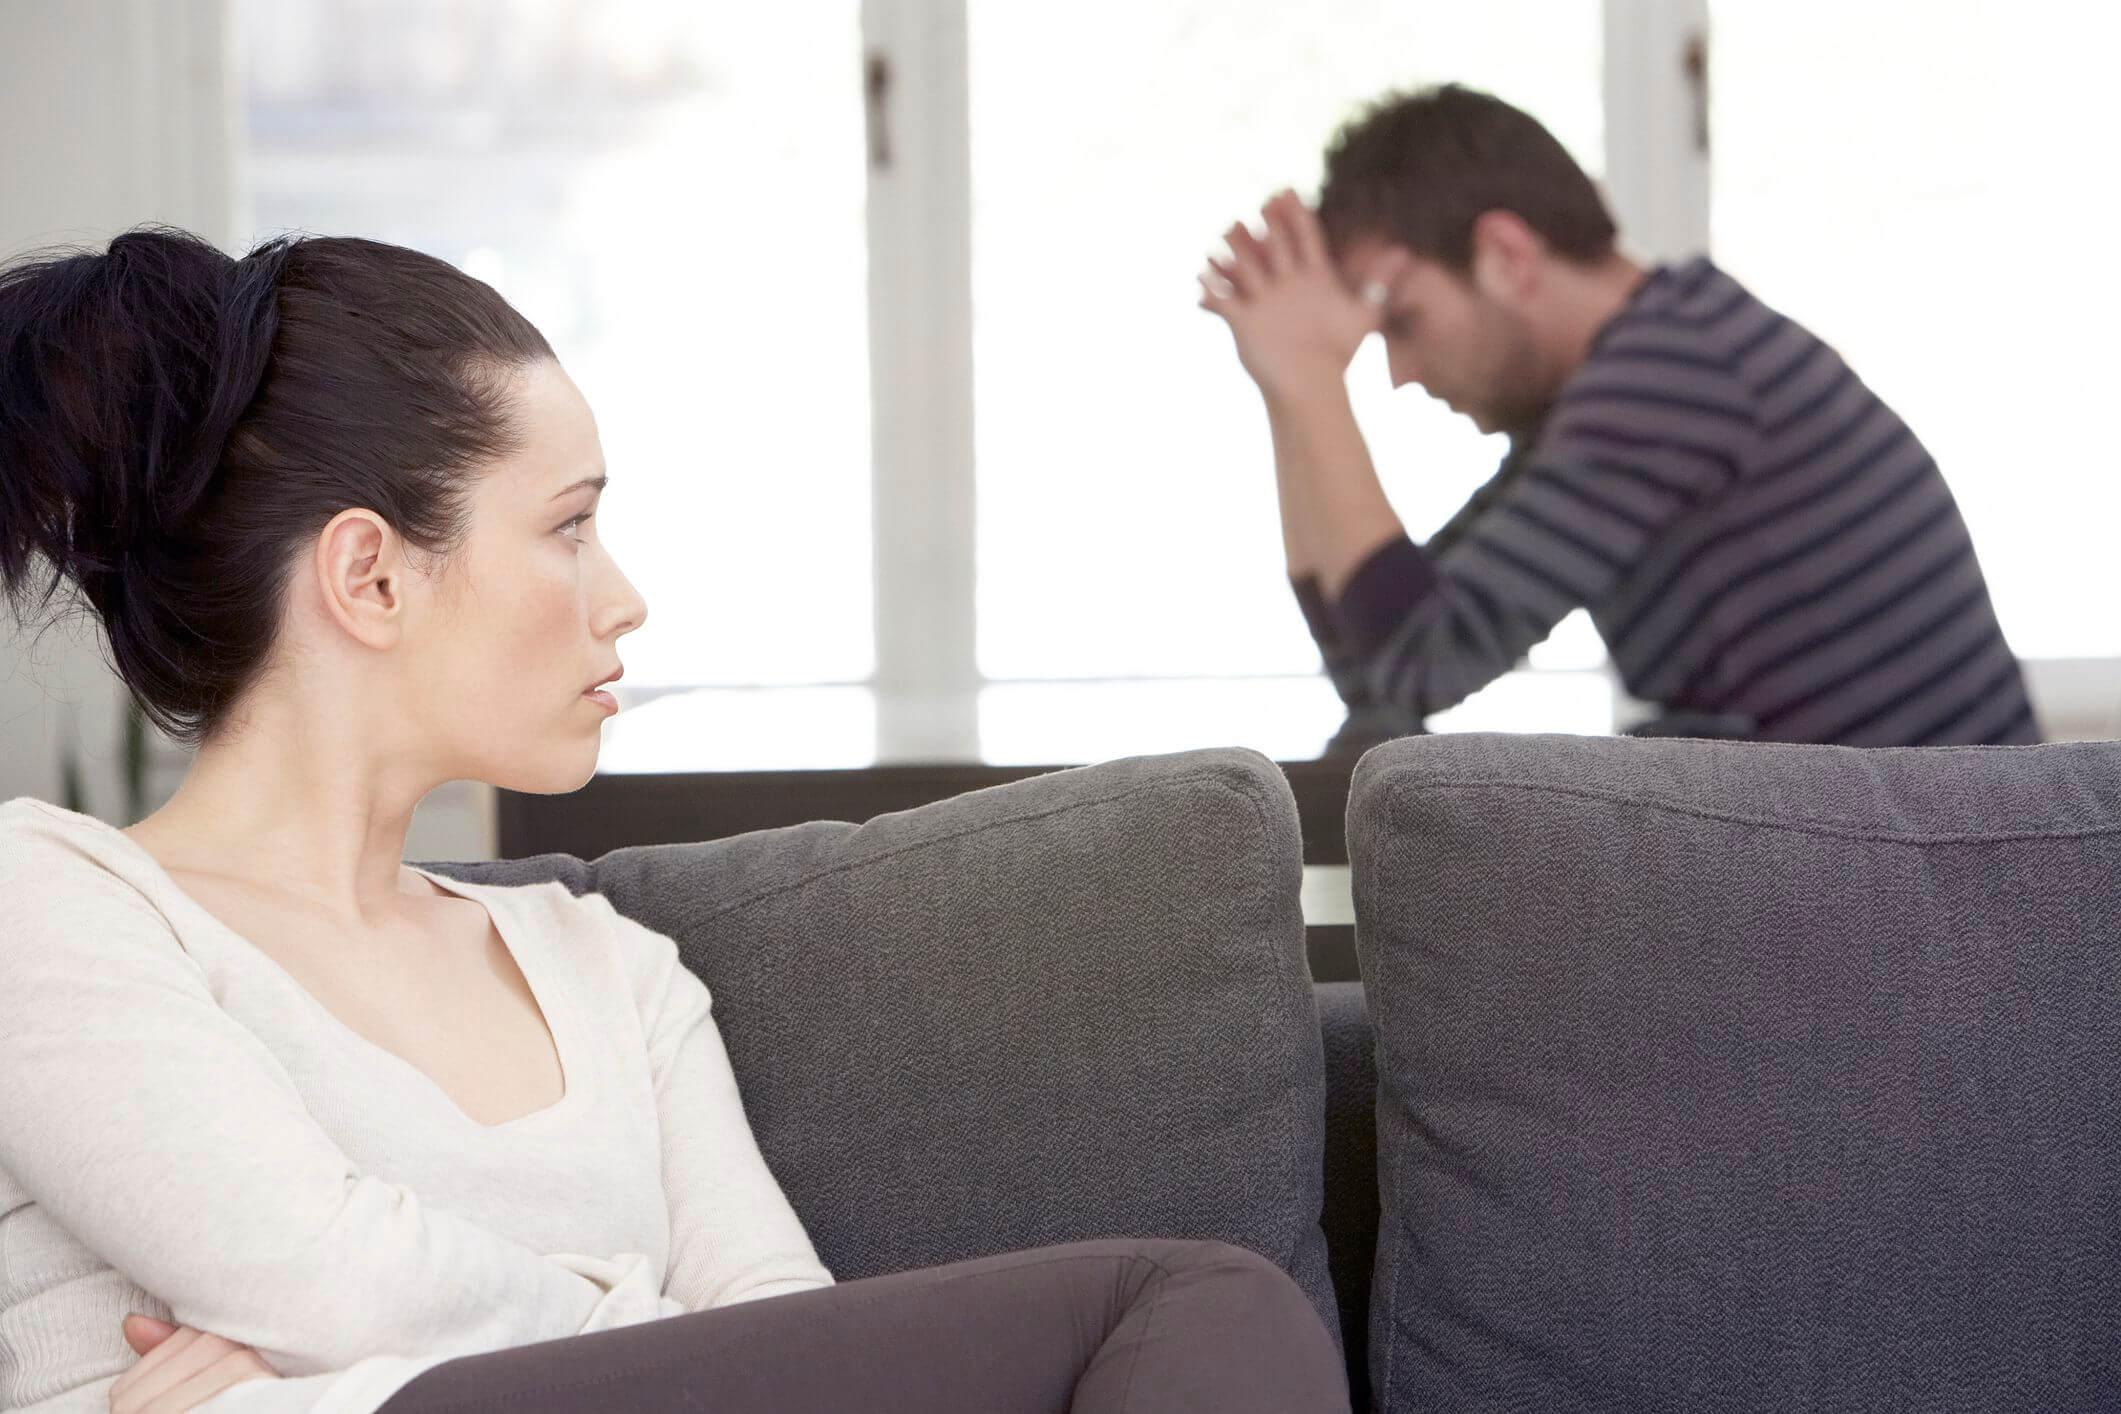 Мужчина перестал общаться без объяснений